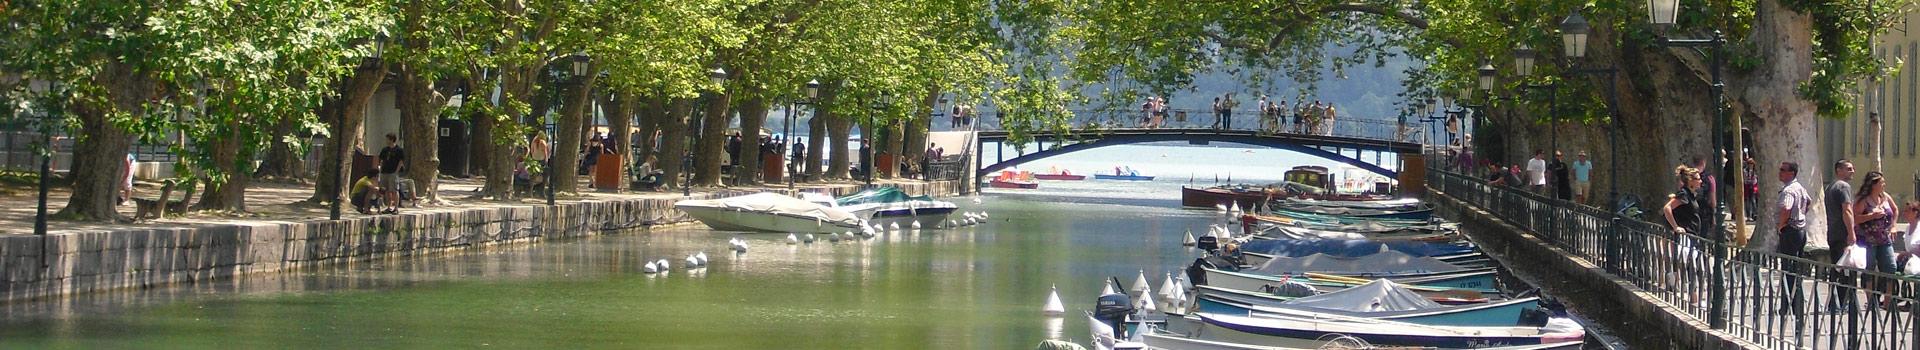 les-eglantines-gite-de-france-haute-savoie-annecy-13